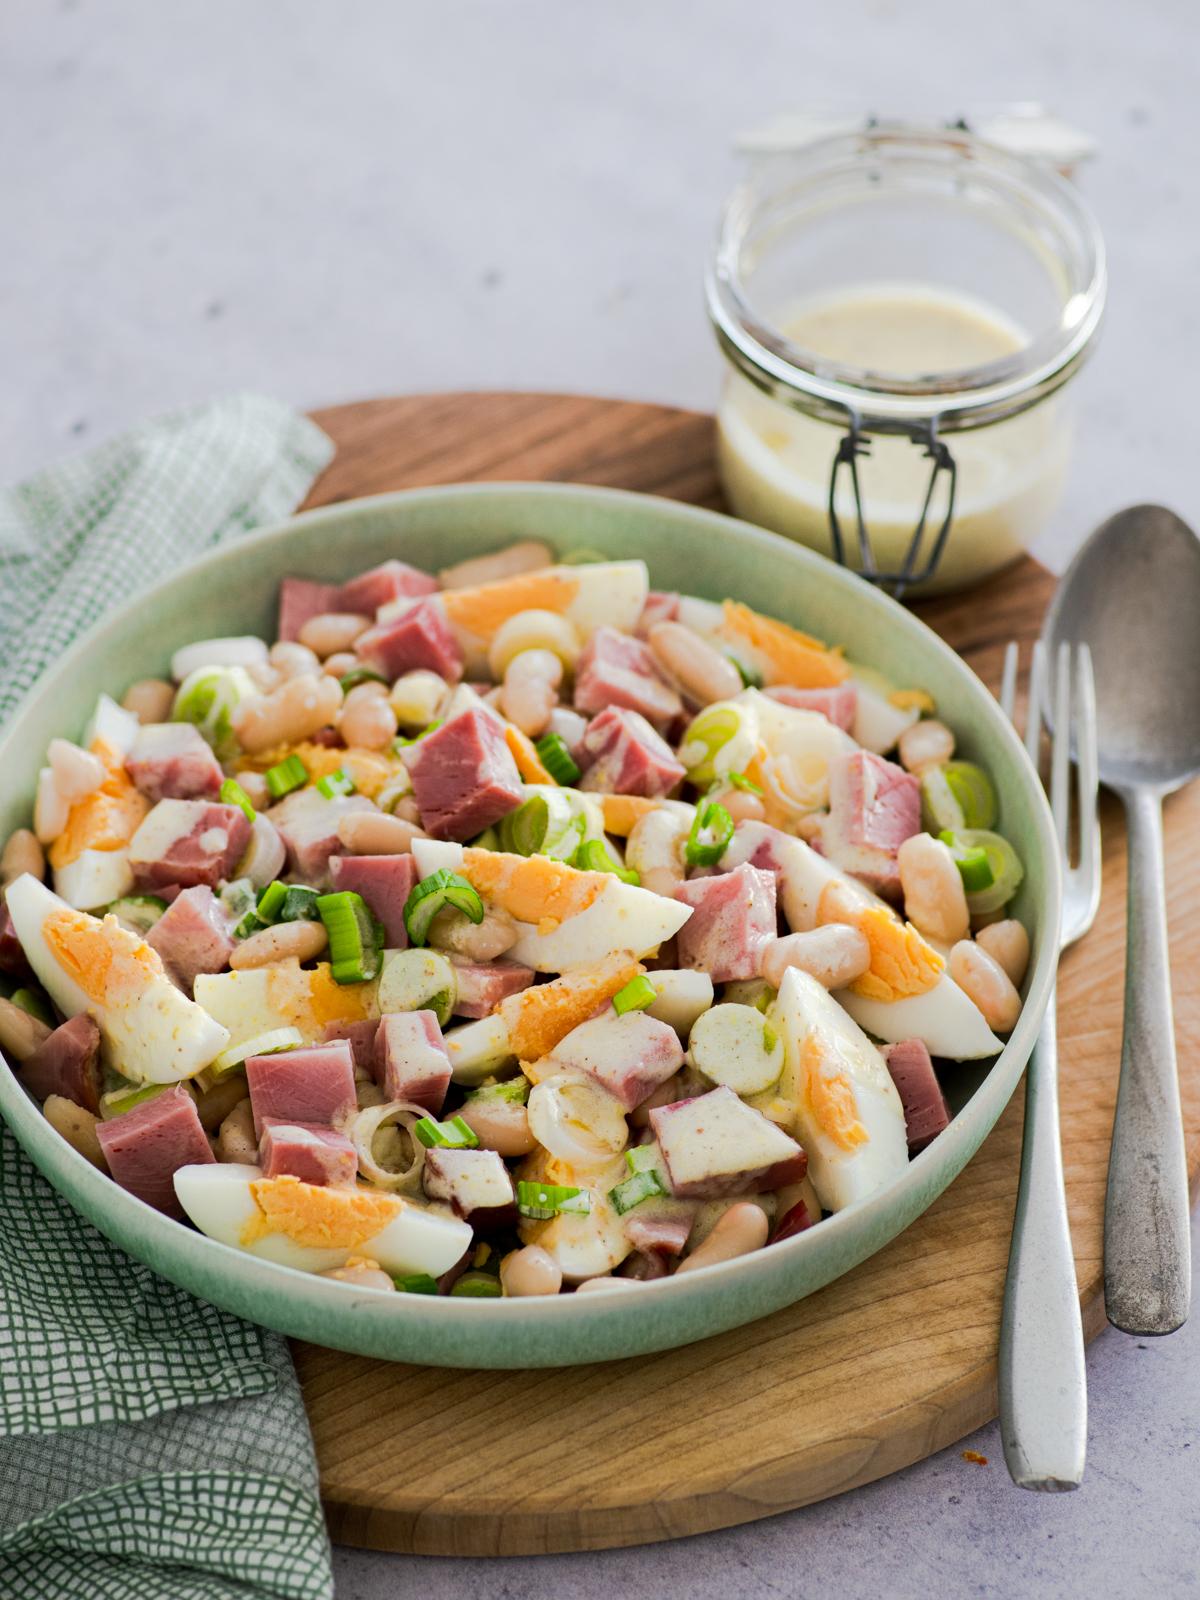 Salata od šunke, jaja i graha s preljevom od hrena